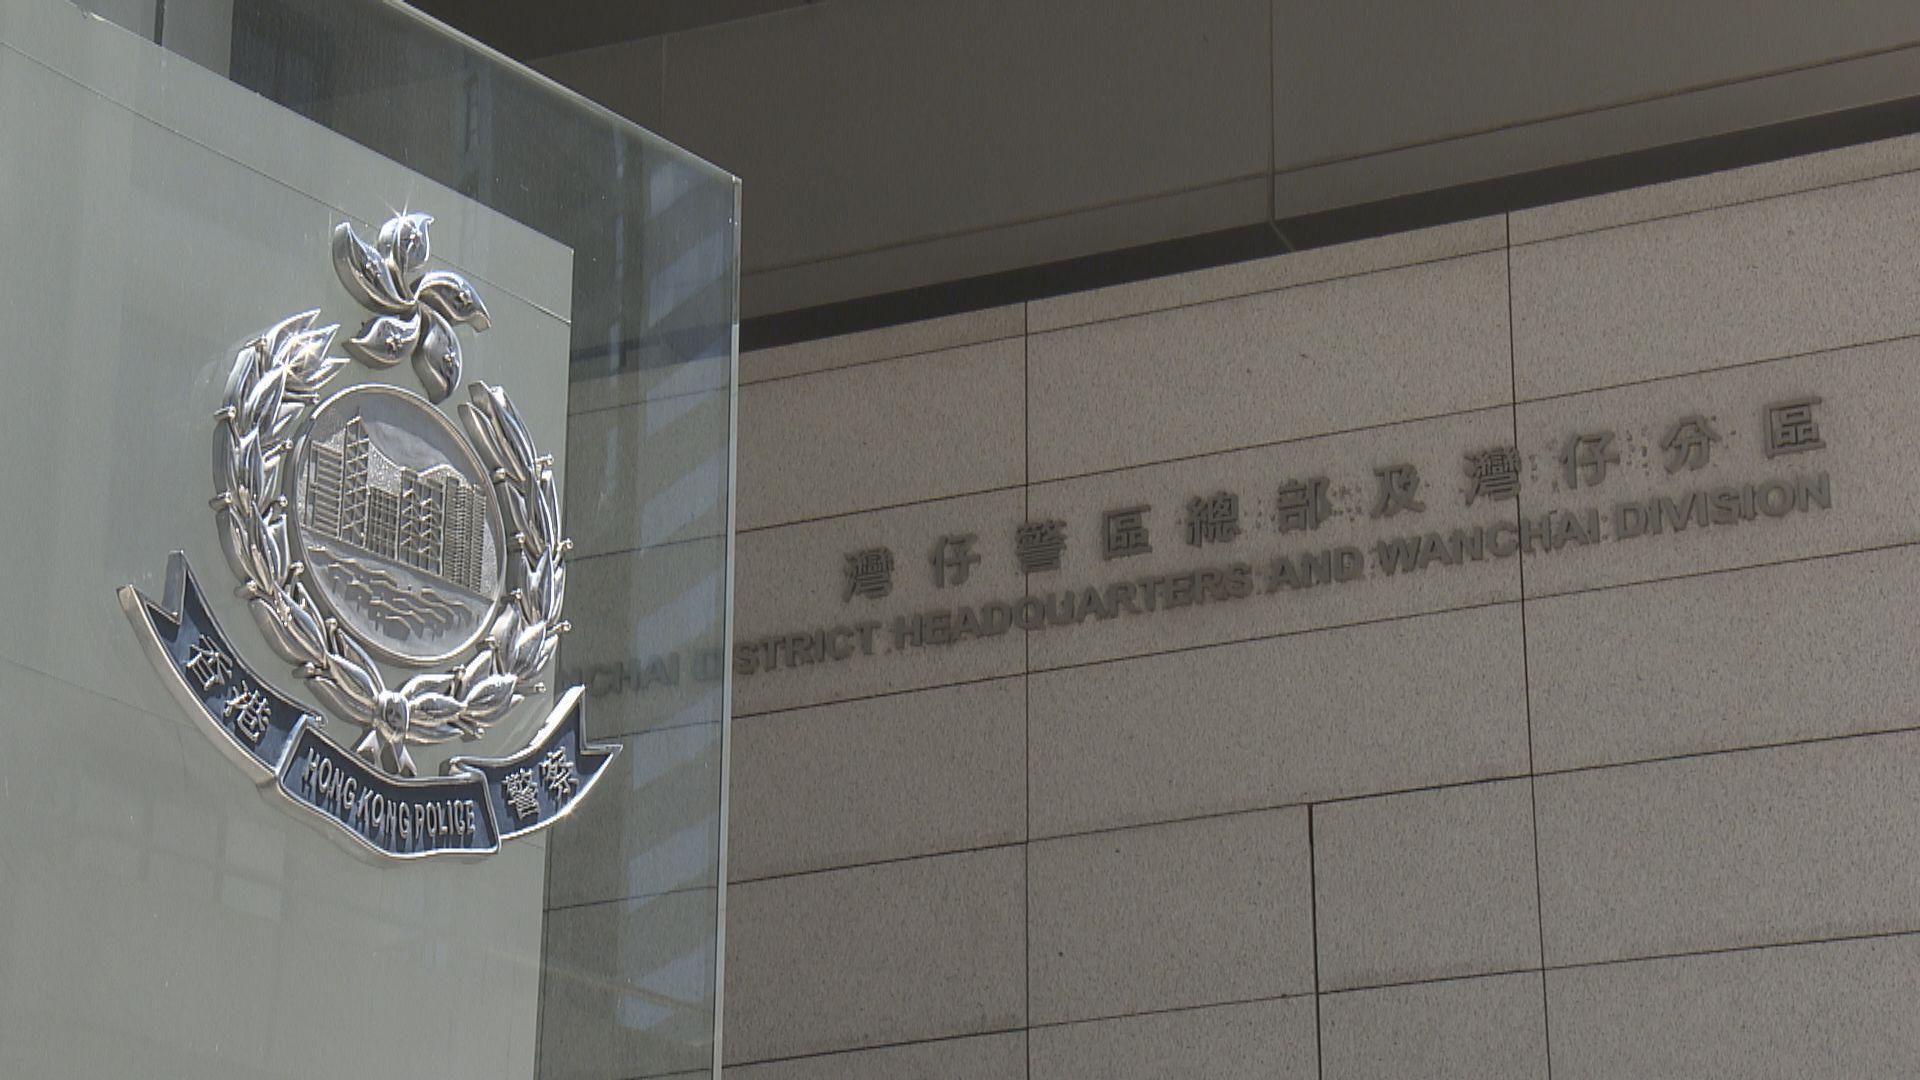 警方再拘捕多一名男子涉嫌參與暴動